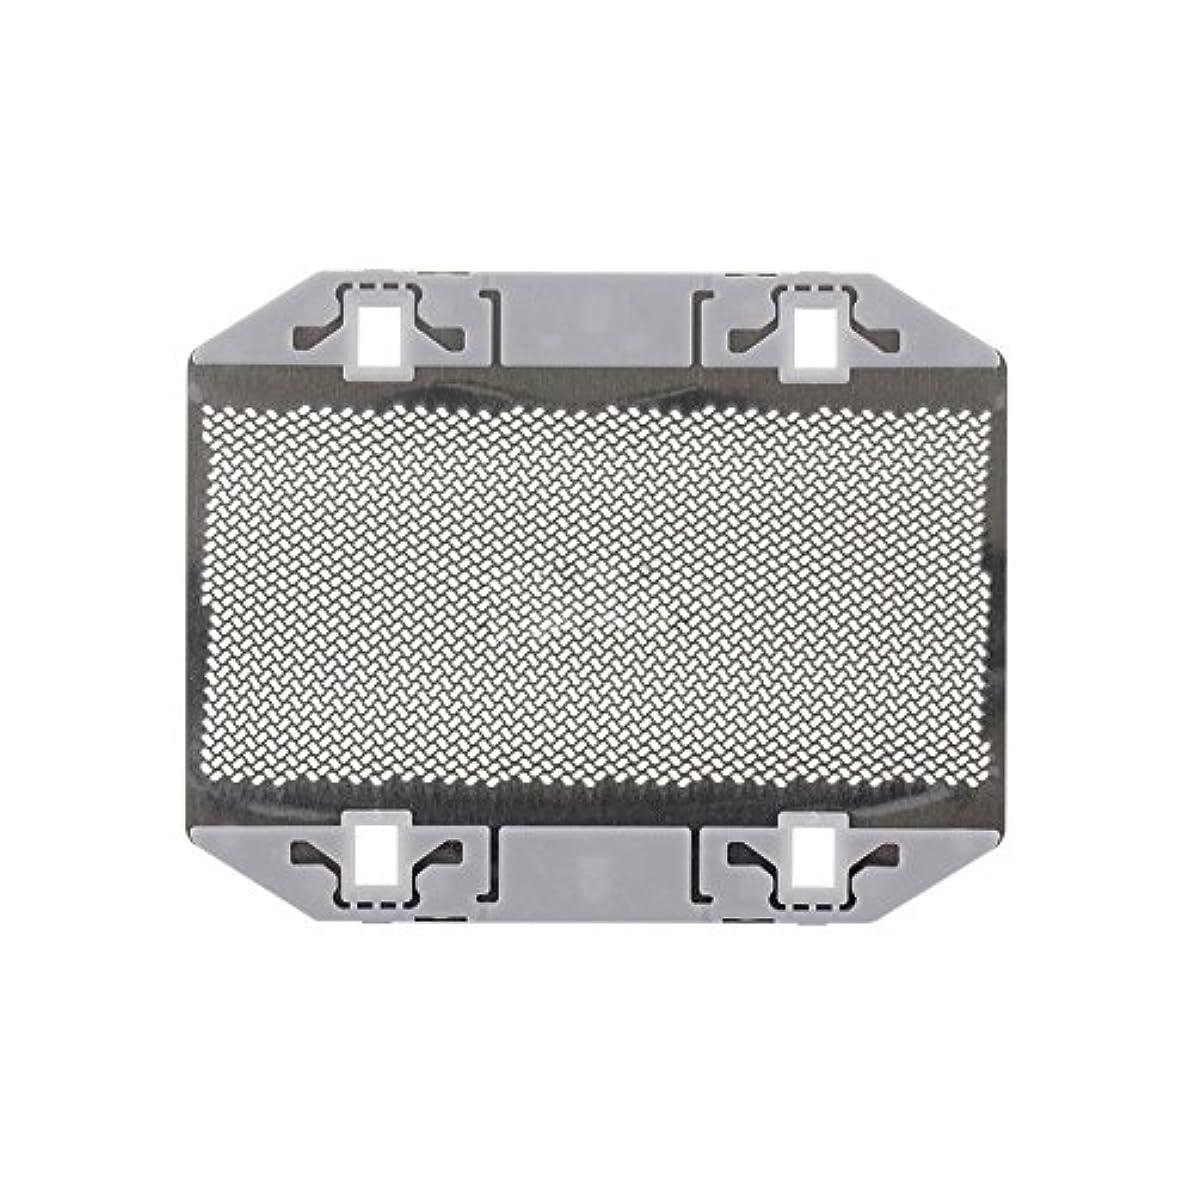 治す切手調整するJanjunsi 回転式シェーバー シェーバーパーツ シェーバー 交換用 替刃 外刃 耐用 for Panasonic ES9943 ES3042 ES3801 ES3750 ES365 ES366